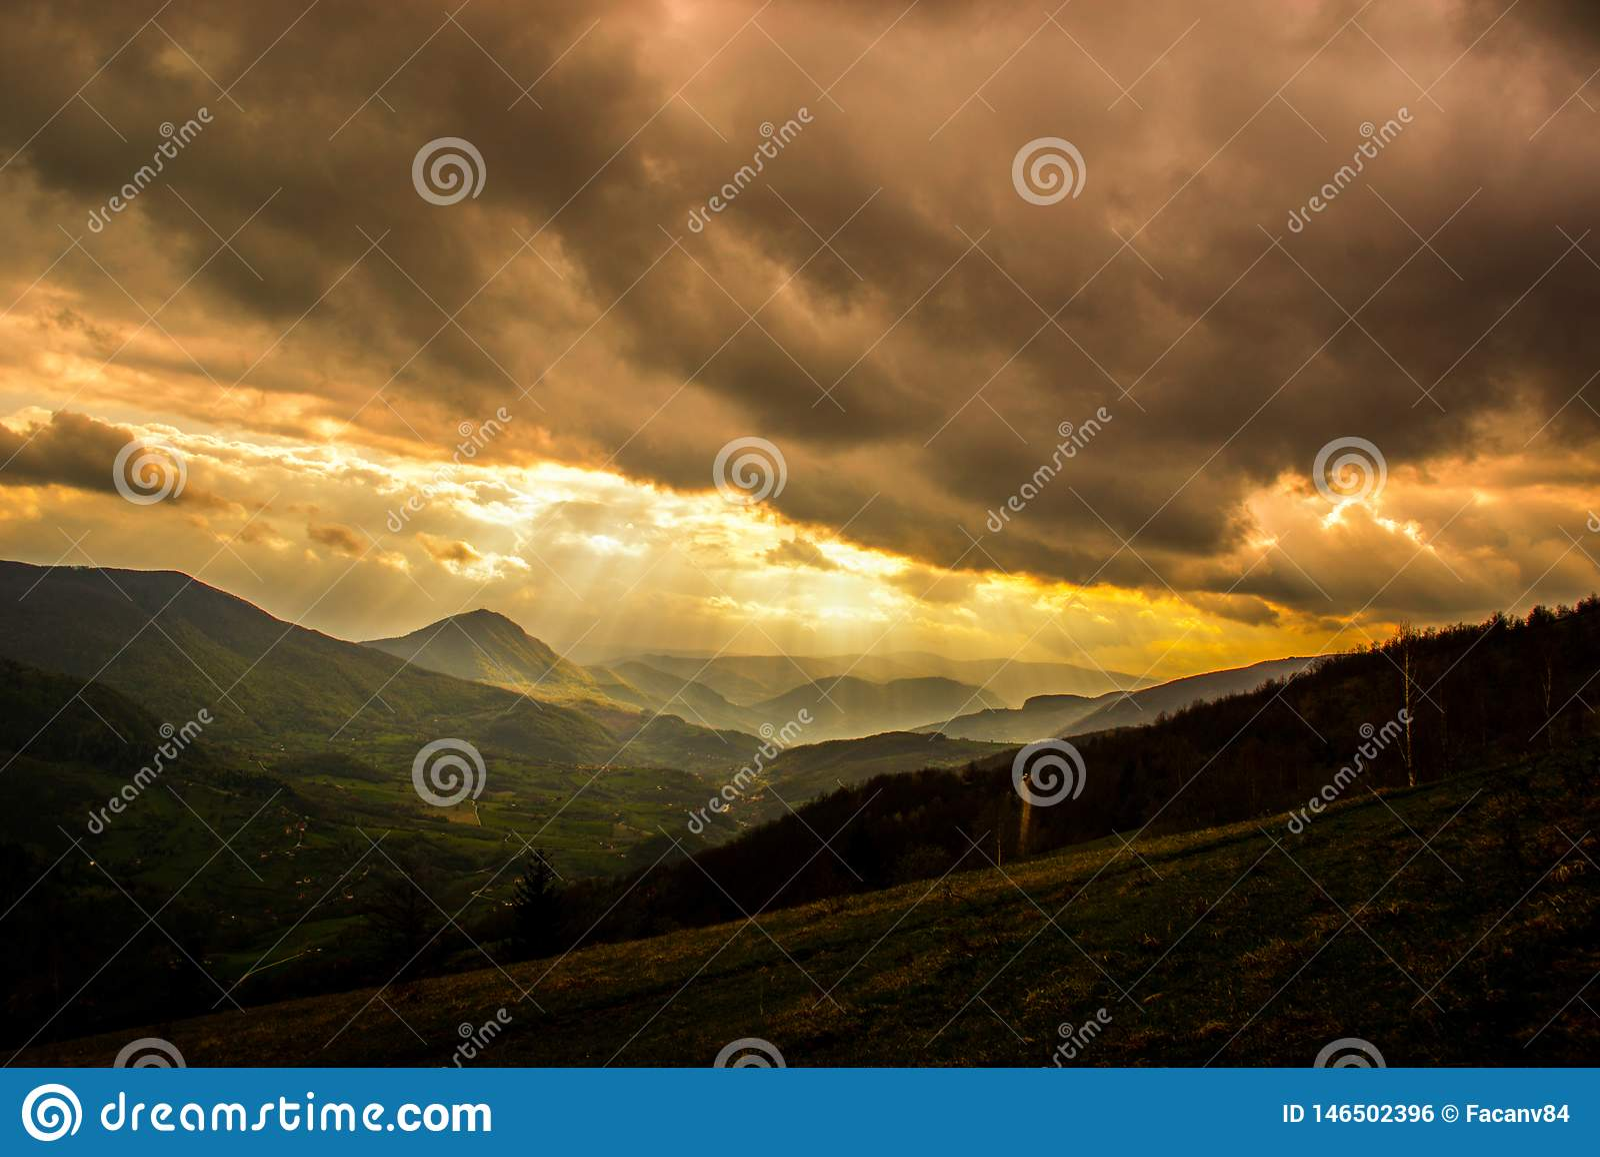 Mycket intressant solnedg?ng Sikt av v?rlandskap, solljus och m?rka moln ?ver